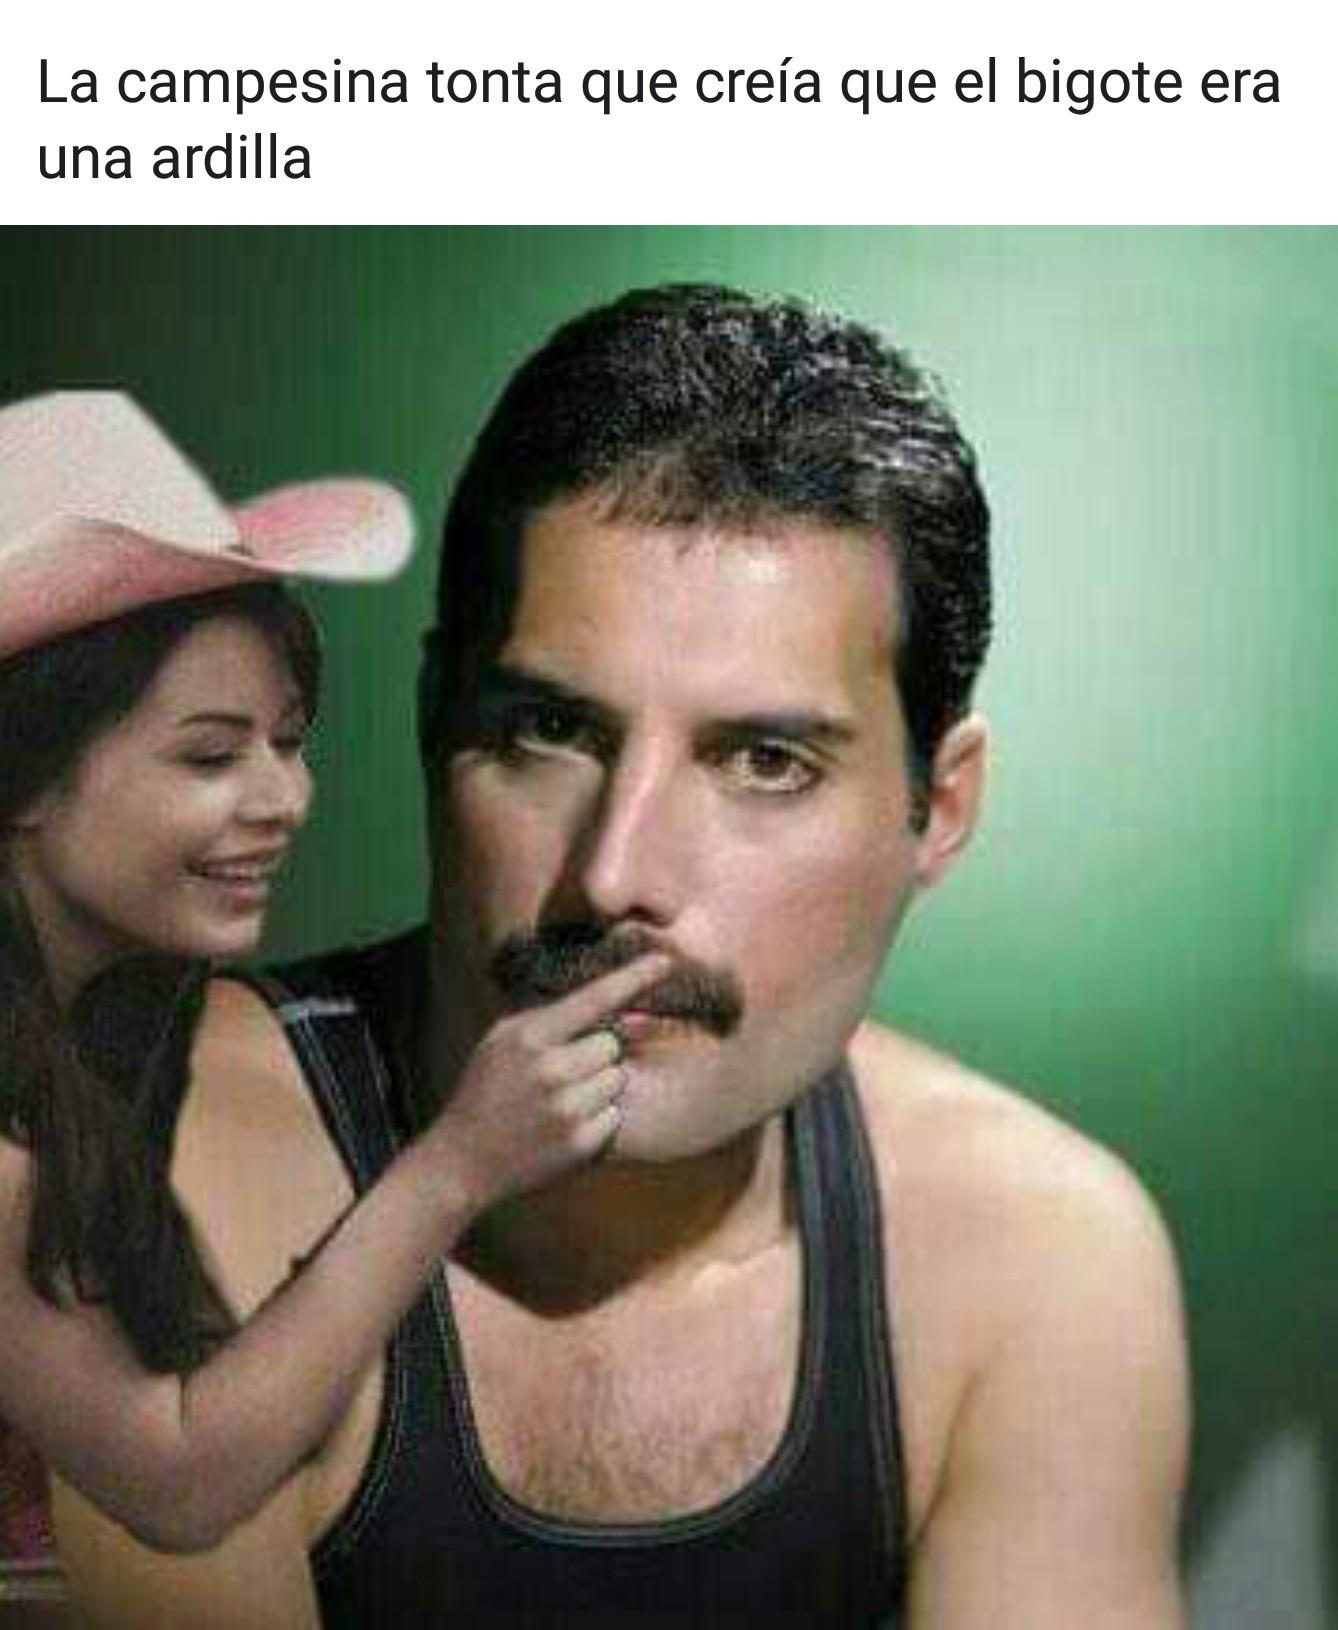 Ardilla - meme